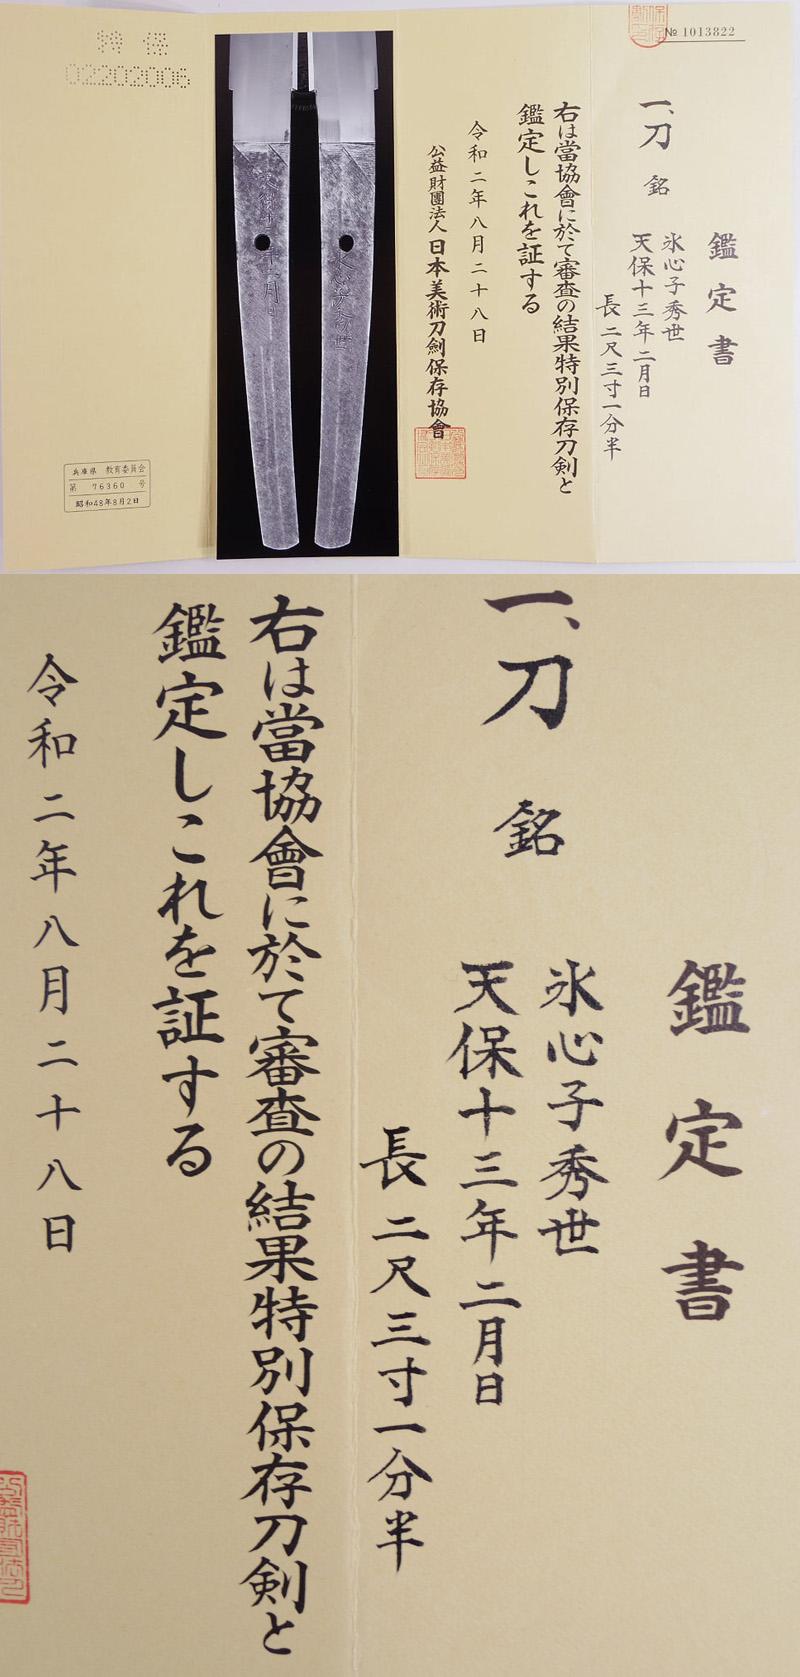 刀 氷心子秀世 (水心子正秀の娘婿)  天保十三年二月日 Picture of Certificate